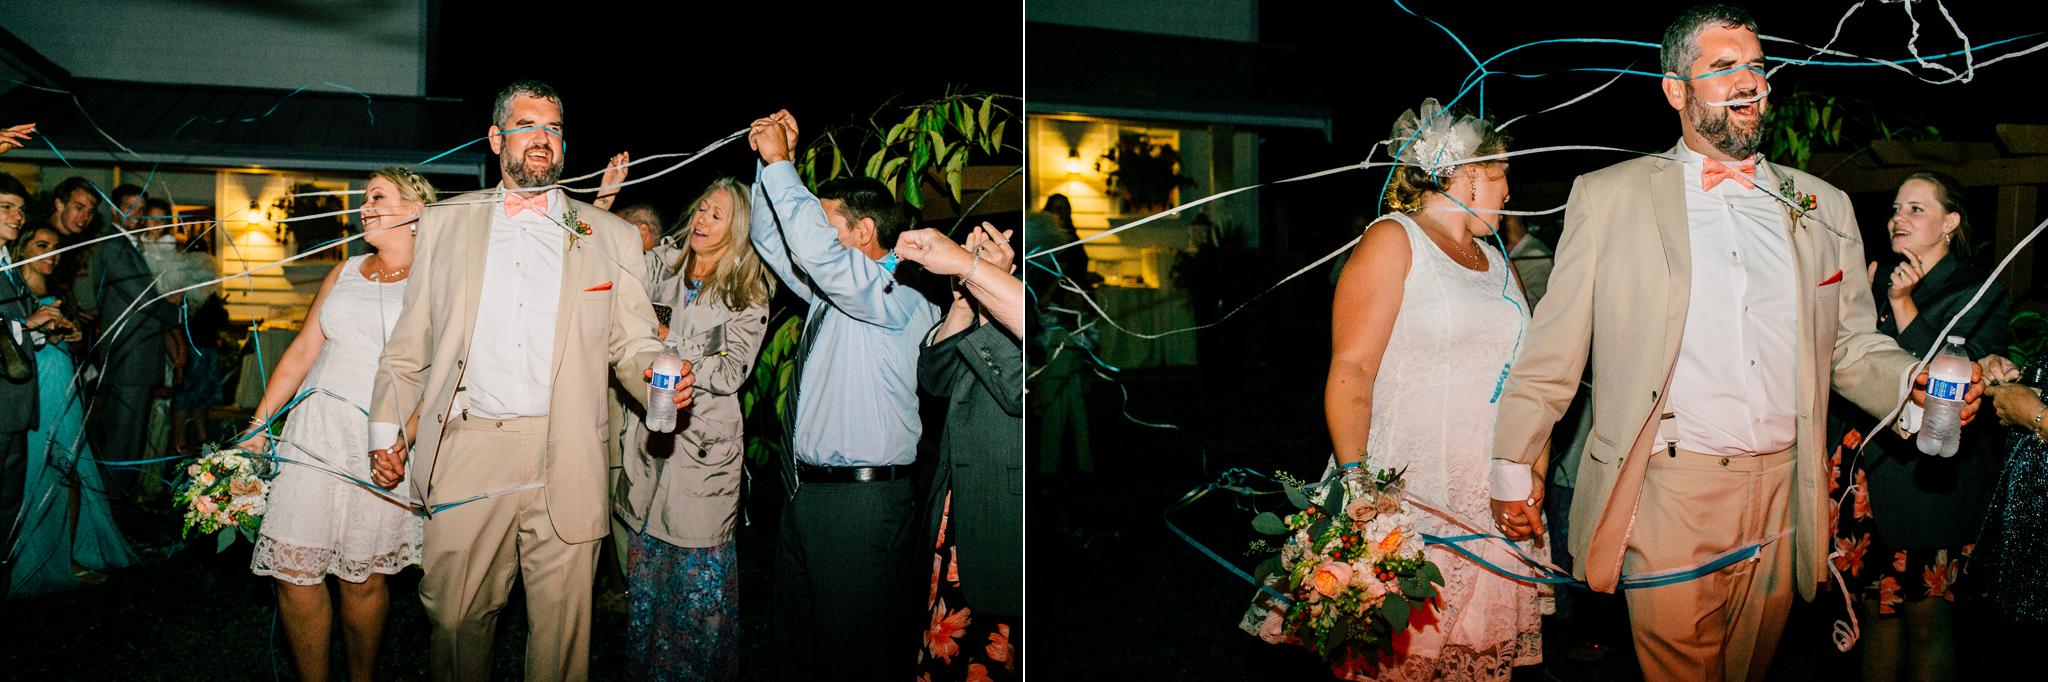 105-bellingham-wedding-photographer-beach-katheryn-moran-elisa-phillip.jpg